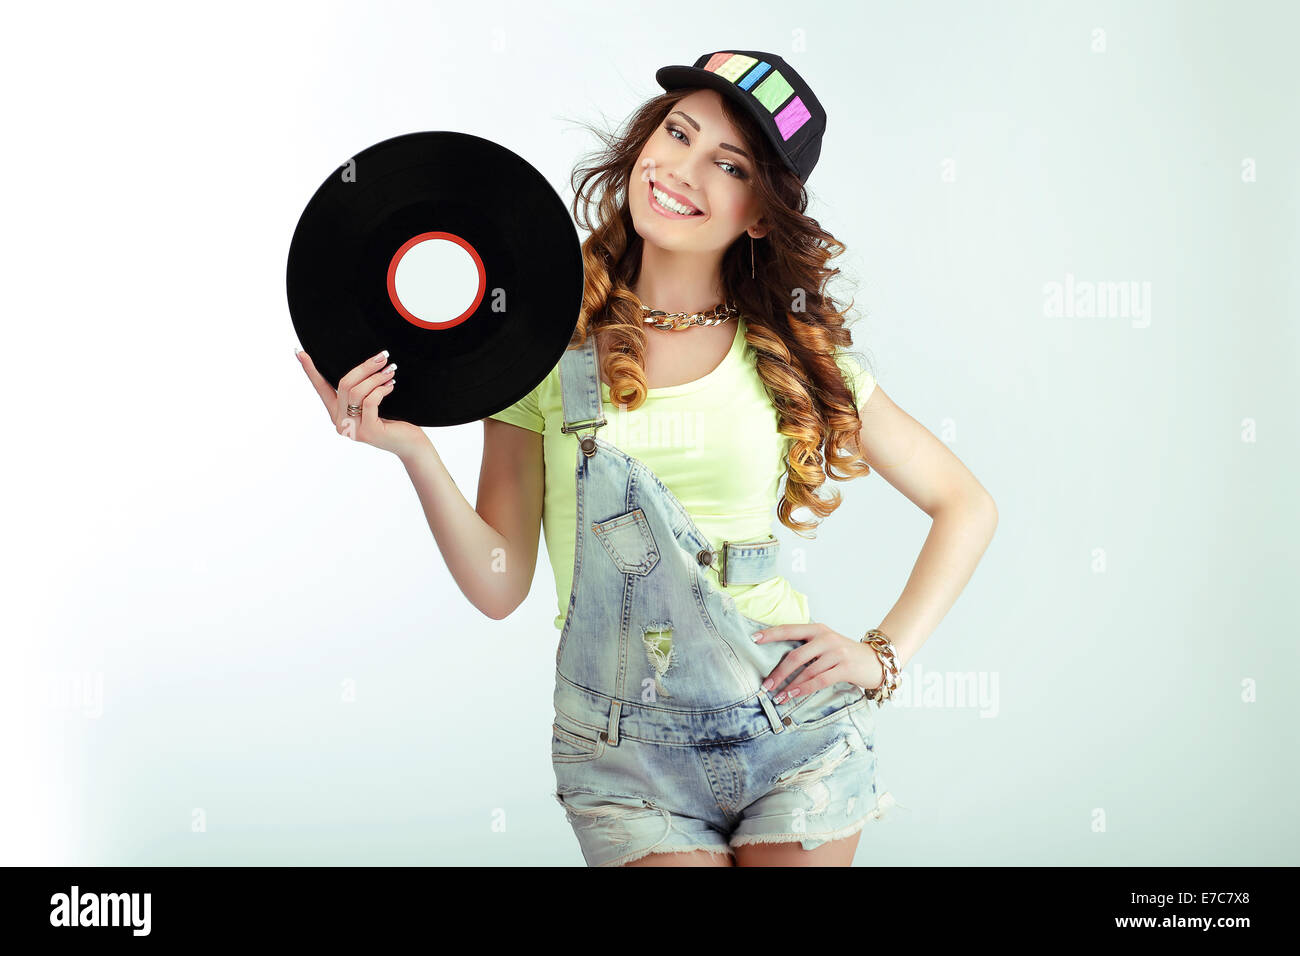 Las diversiones. Gracioso Mujer sosteniendo un disco de vinilo y sonriente Imagen De Stock